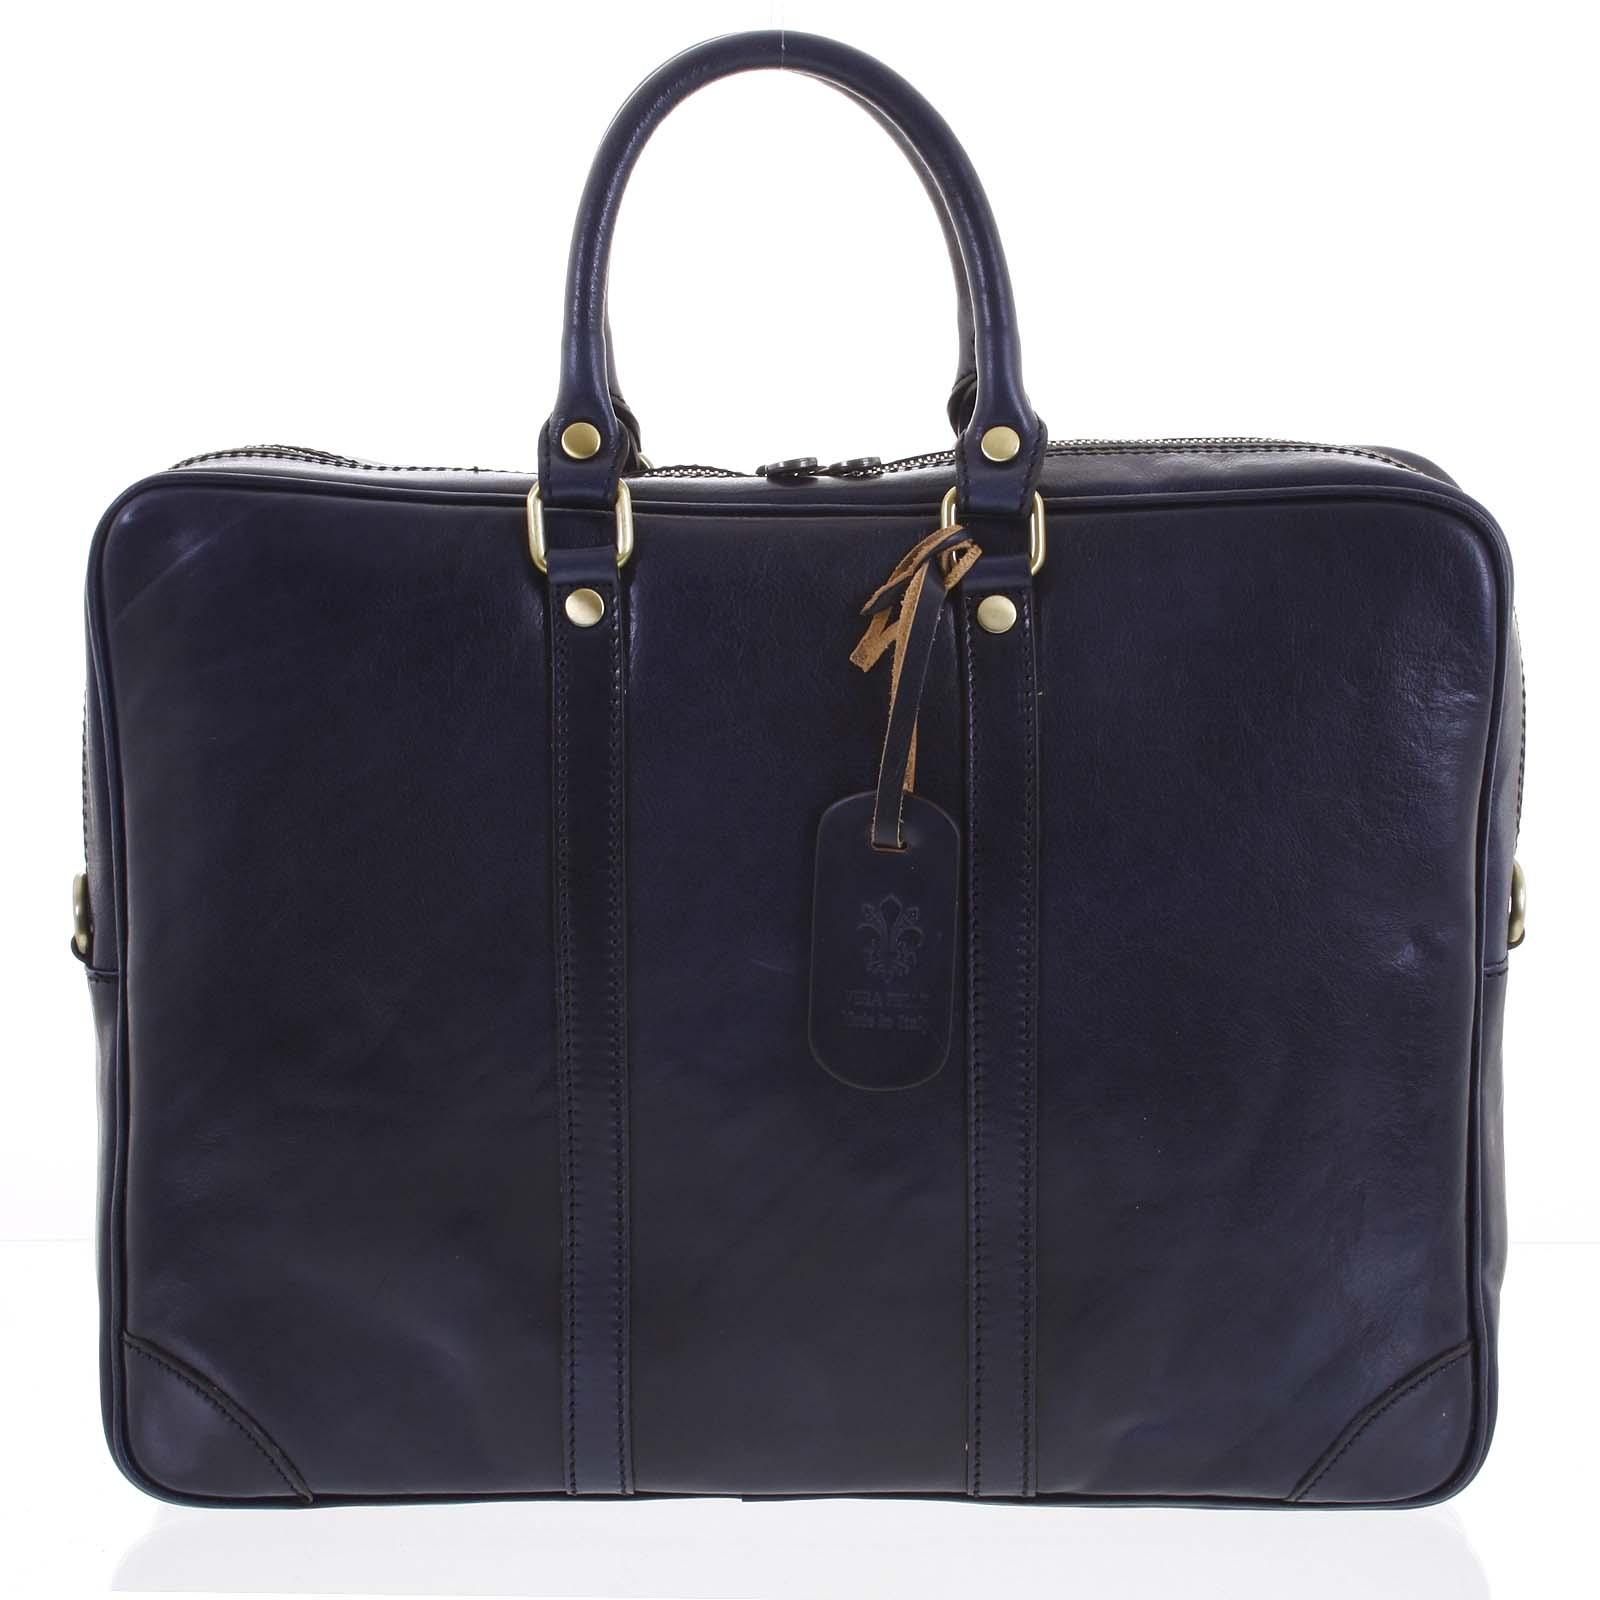 Pánska kožená taška modrá - ItalY Paolo tmavo modra